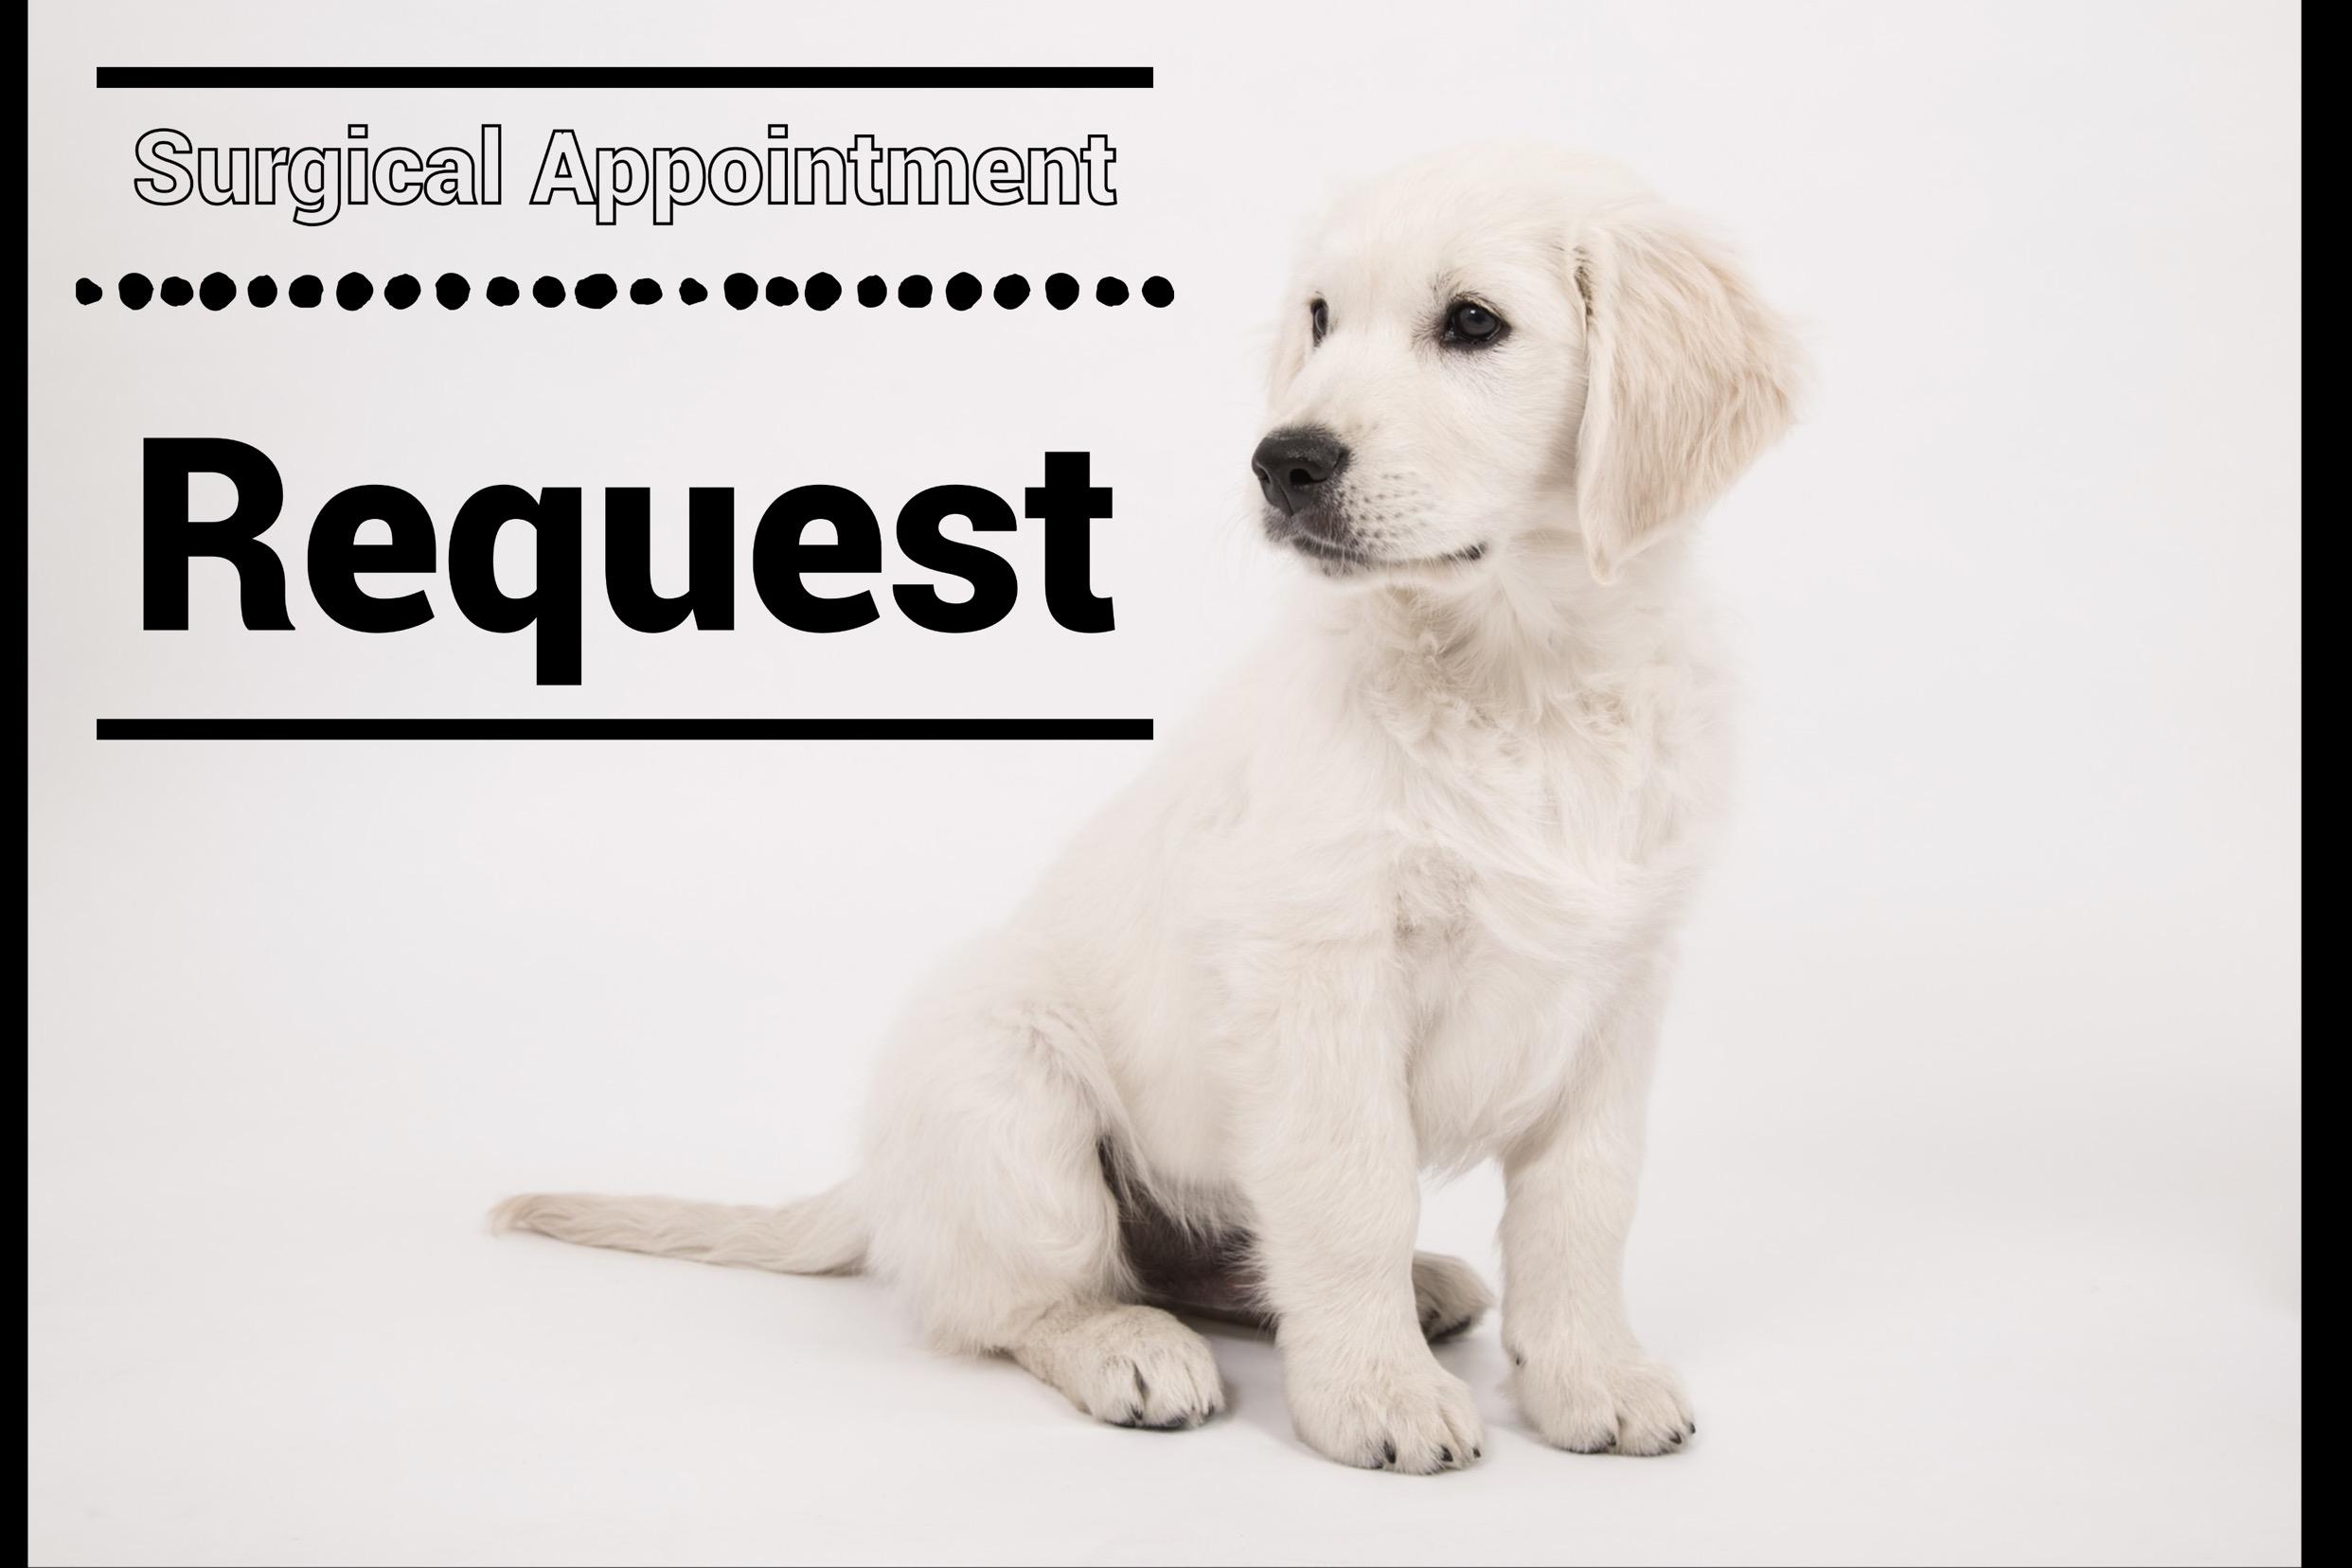 One pet per request - Please fill out a new request per pet